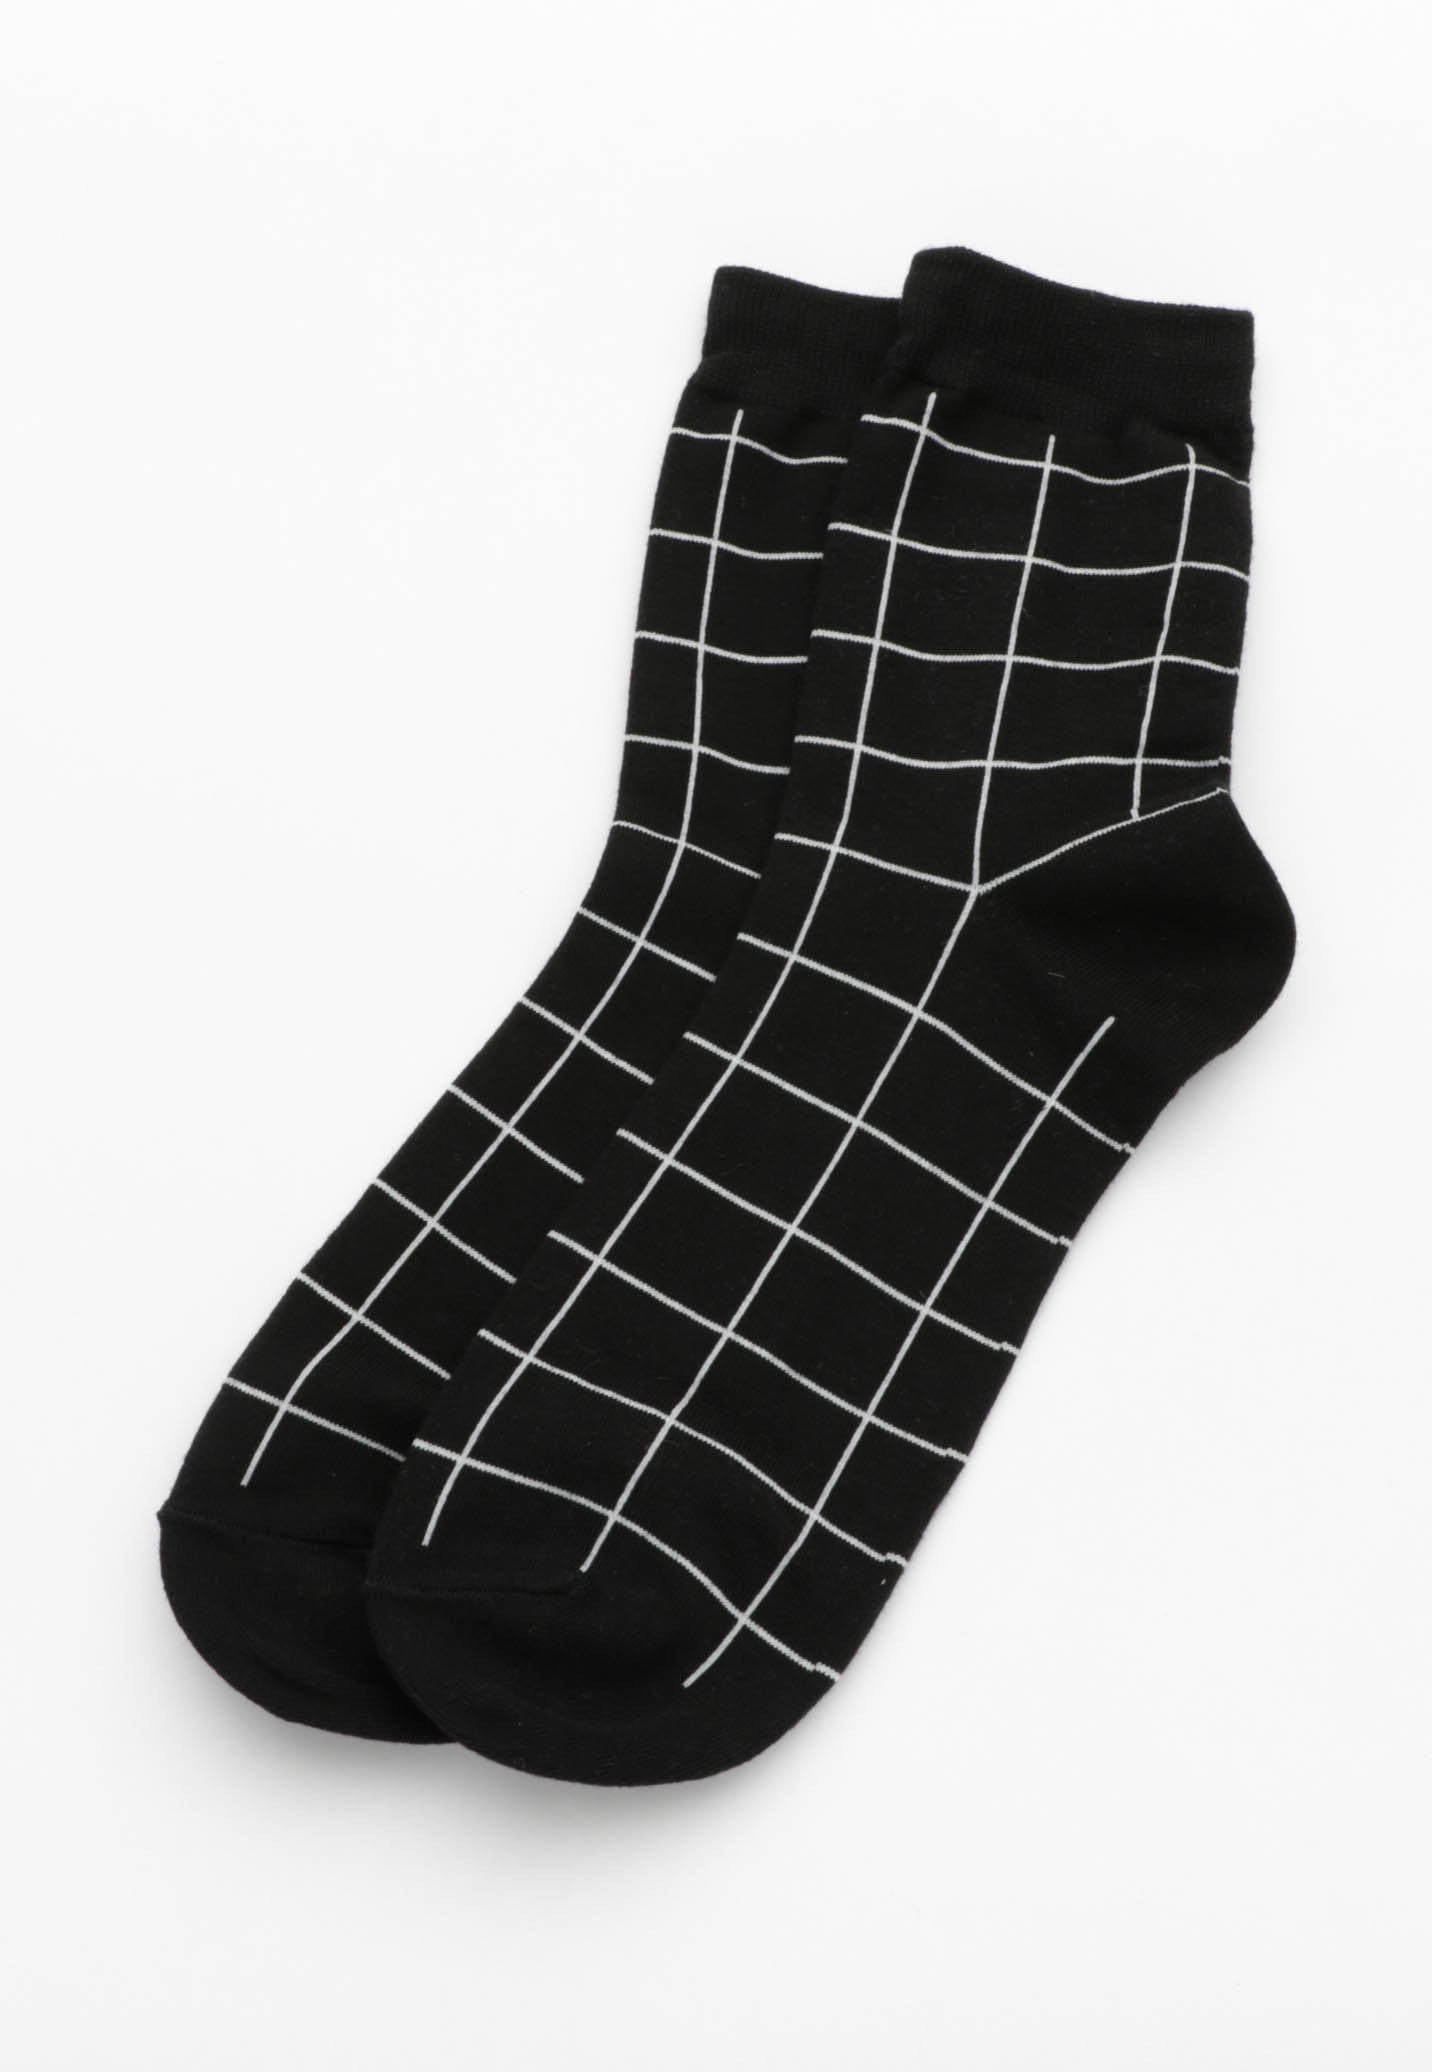 Grid Socks  - Black/White